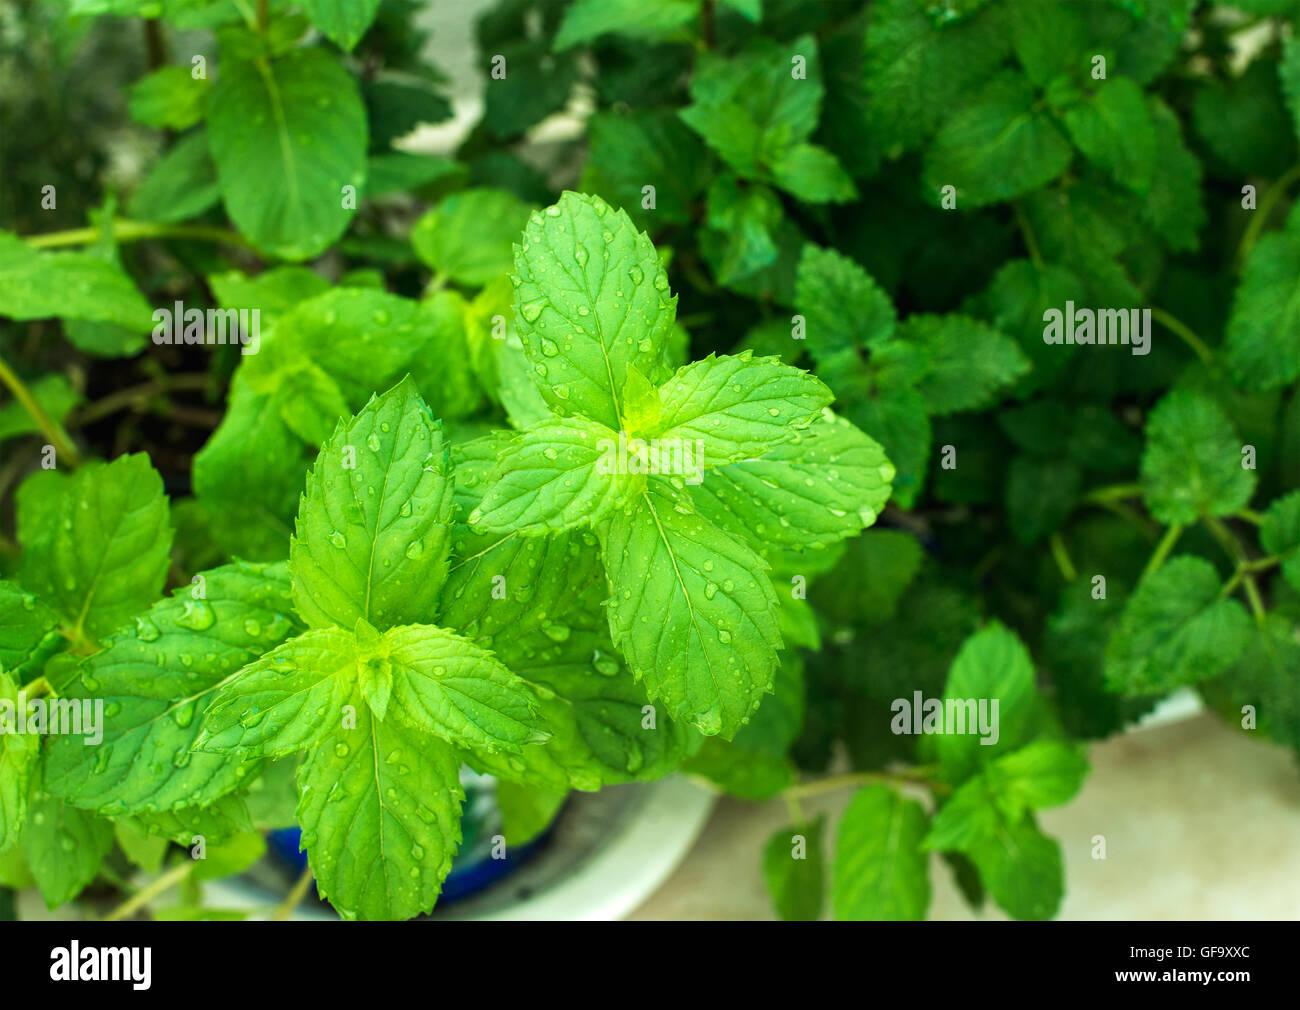 Acercamiento de las hojas de la planta de menta fresca con gotas de agua Imagen De Stock